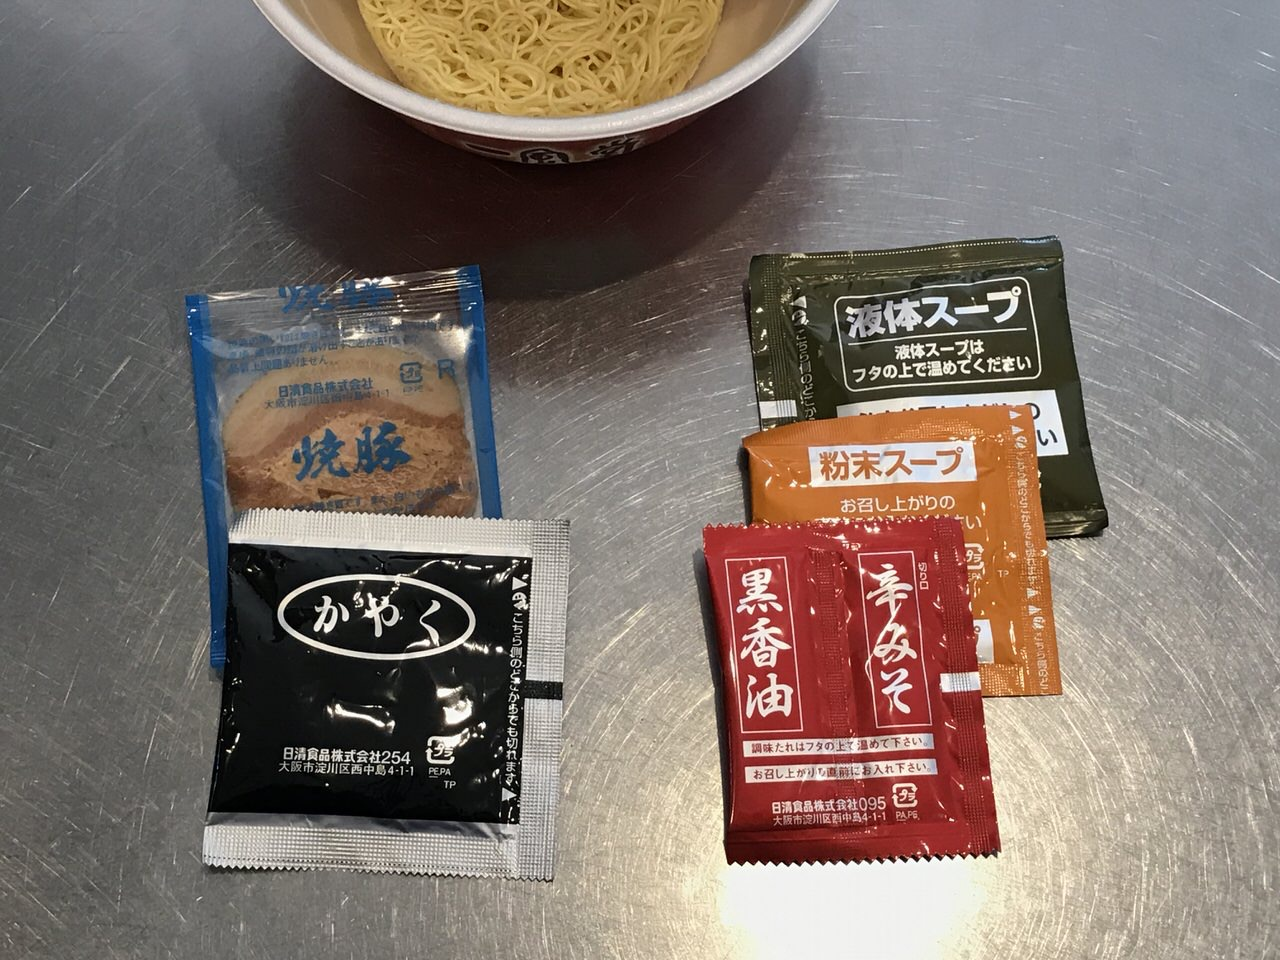 【セブンイレブン】「一風堂 赤丸新味博多とんこつ」3